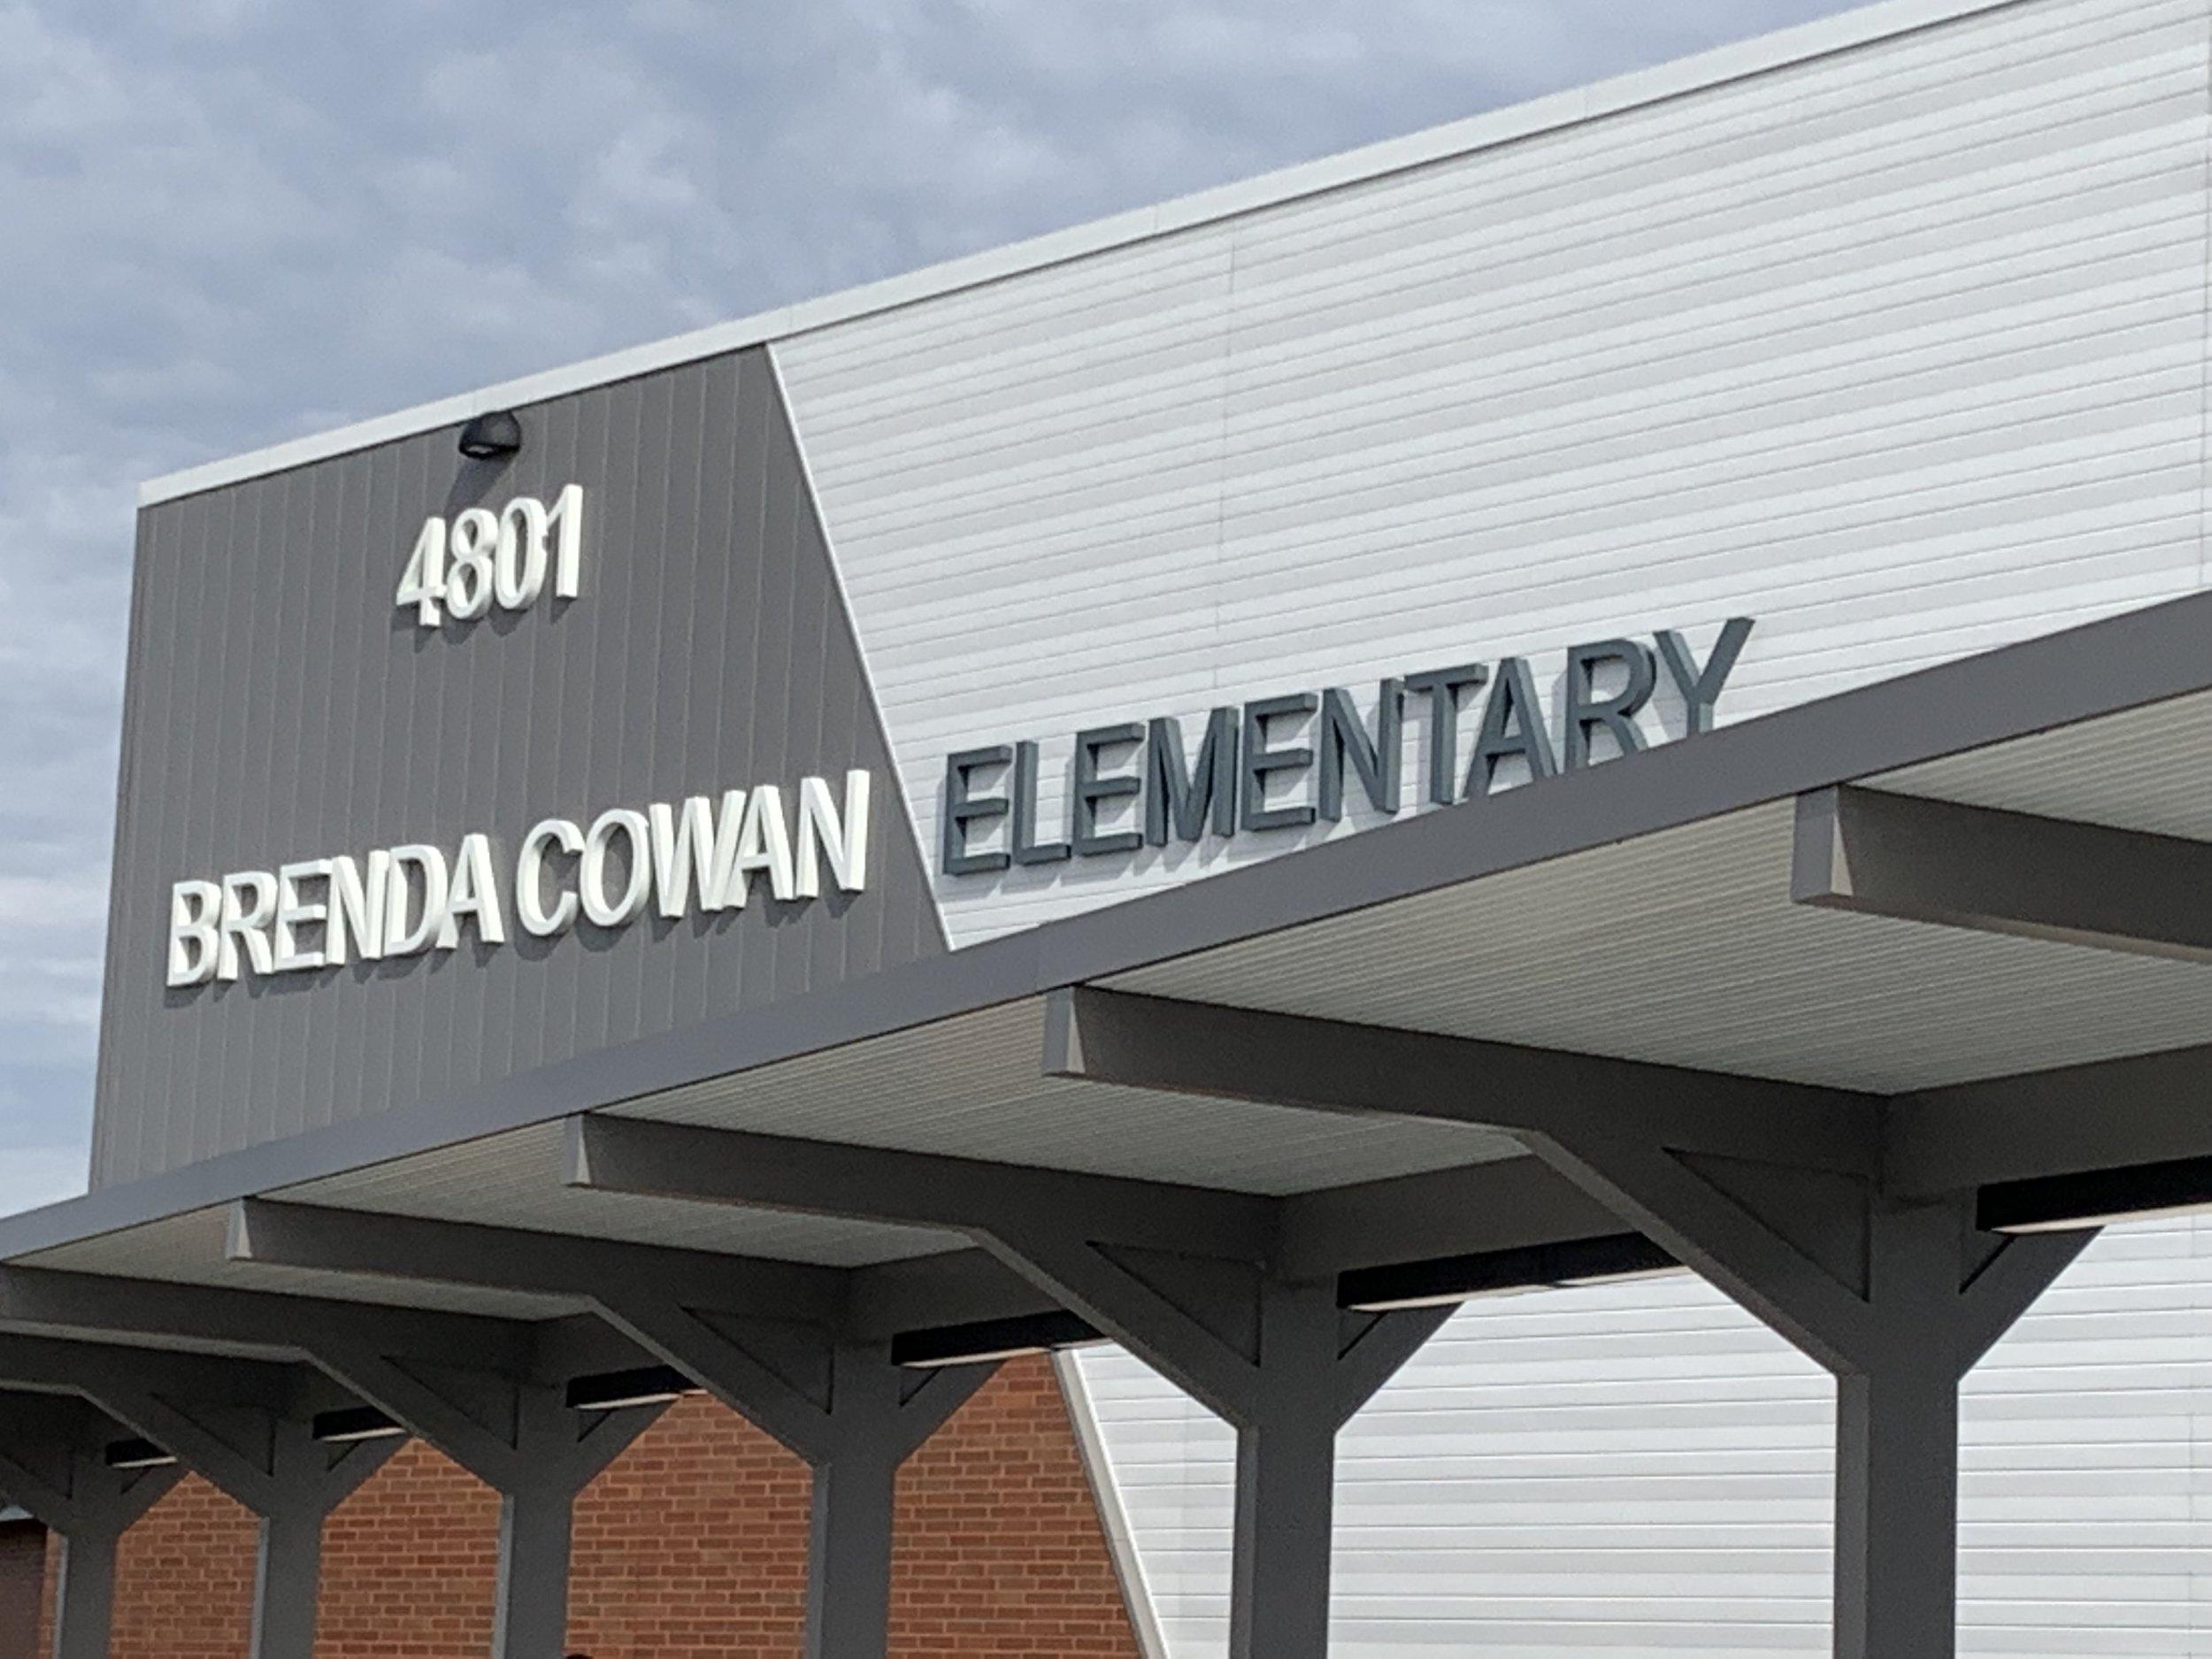 Brenda Cowan Elementary